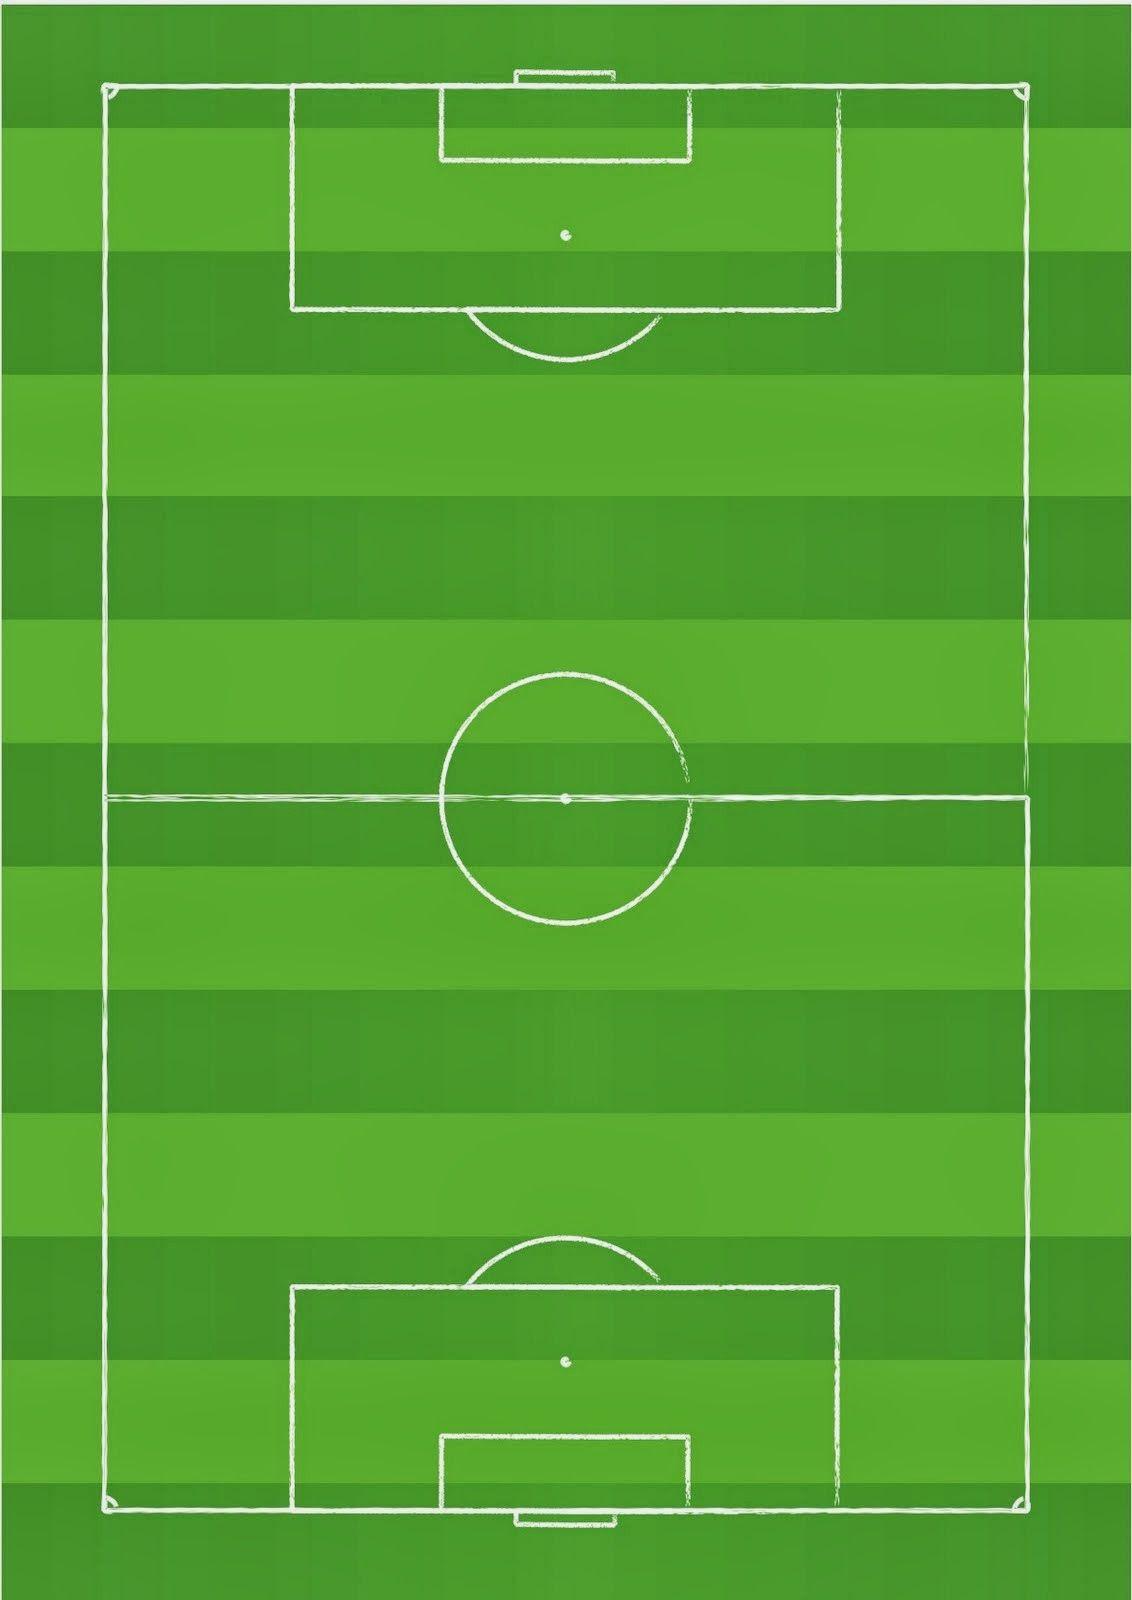 Juegos de Fútbol más jugados